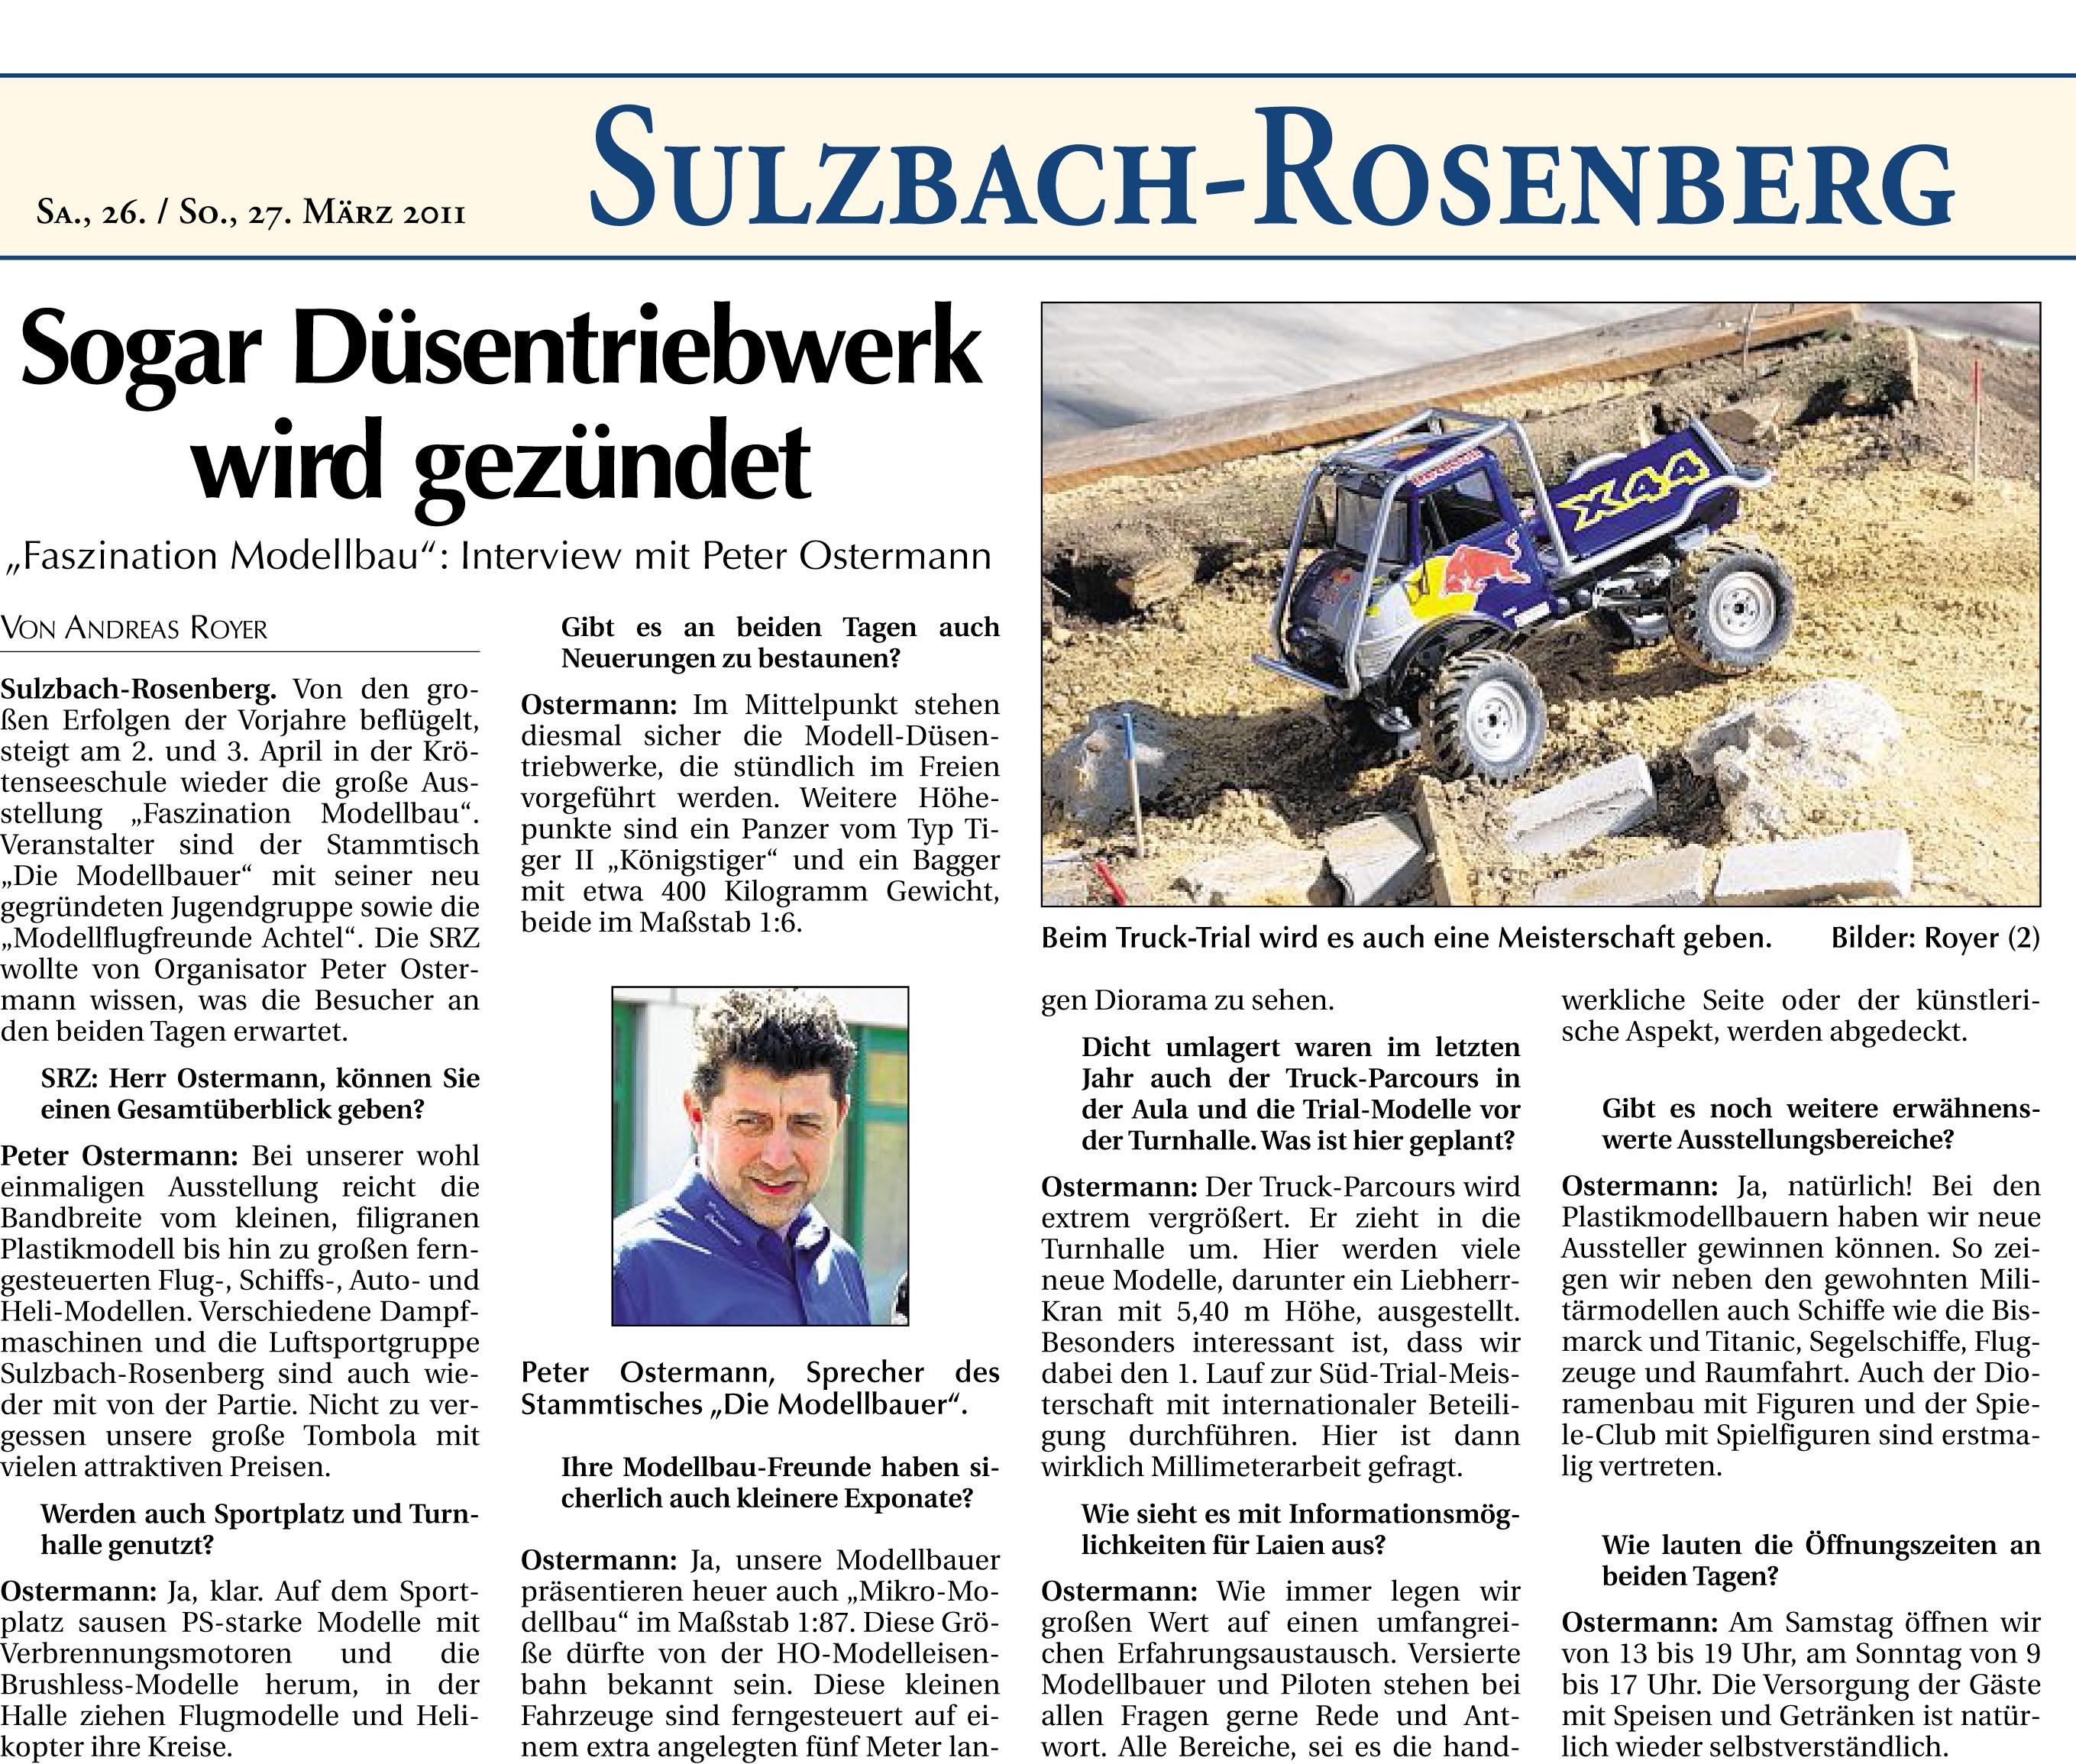 Todesanzeigen Sulzbach Rosenberg